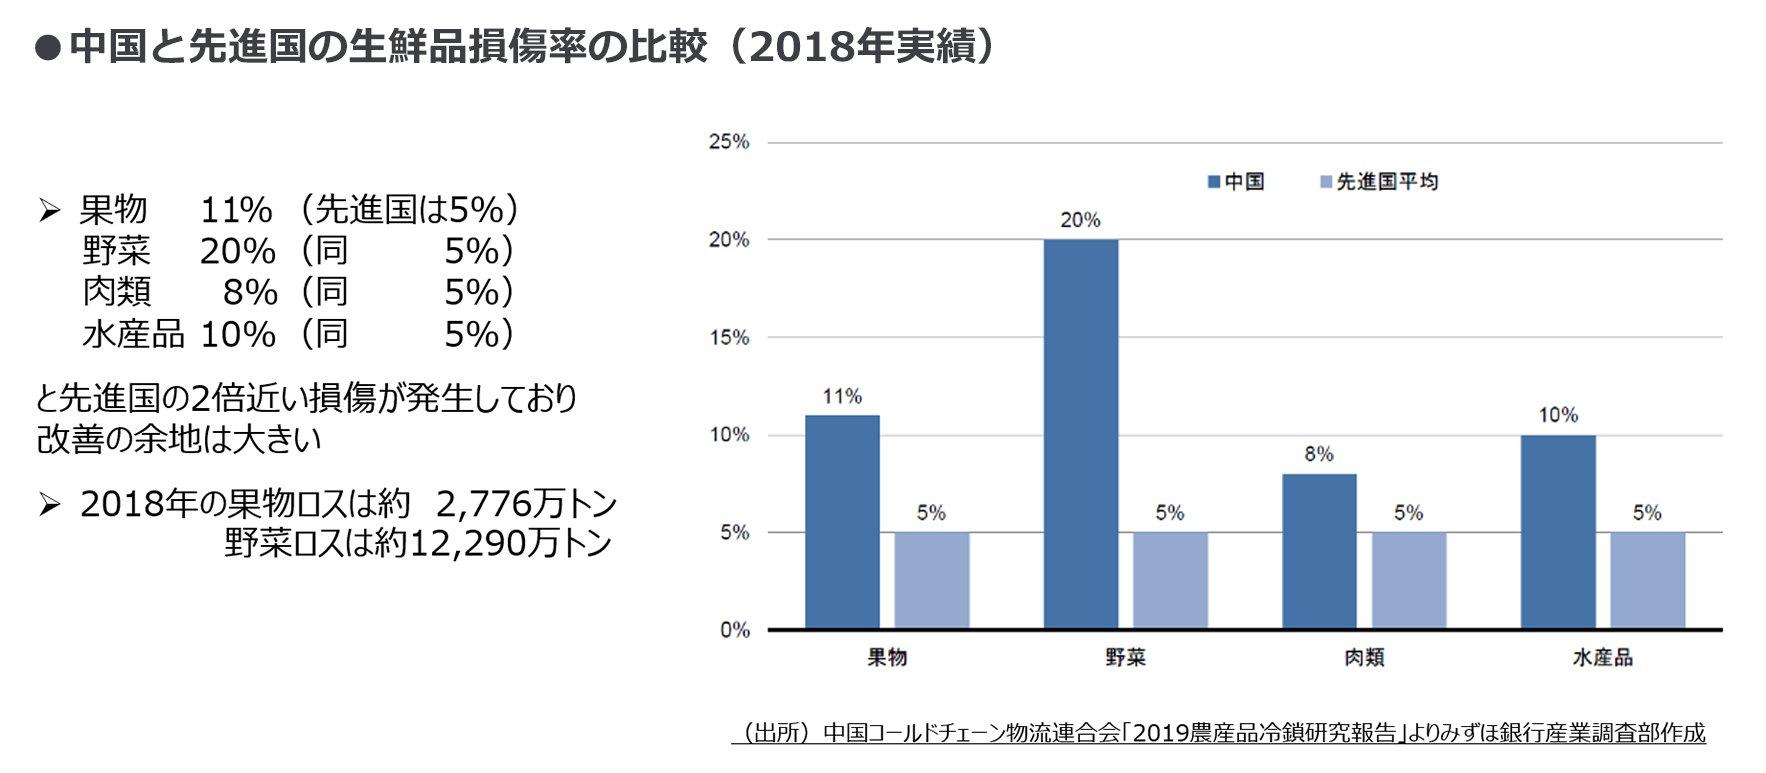 グラフ:中国と先進国の生鮮品損傷率の比較